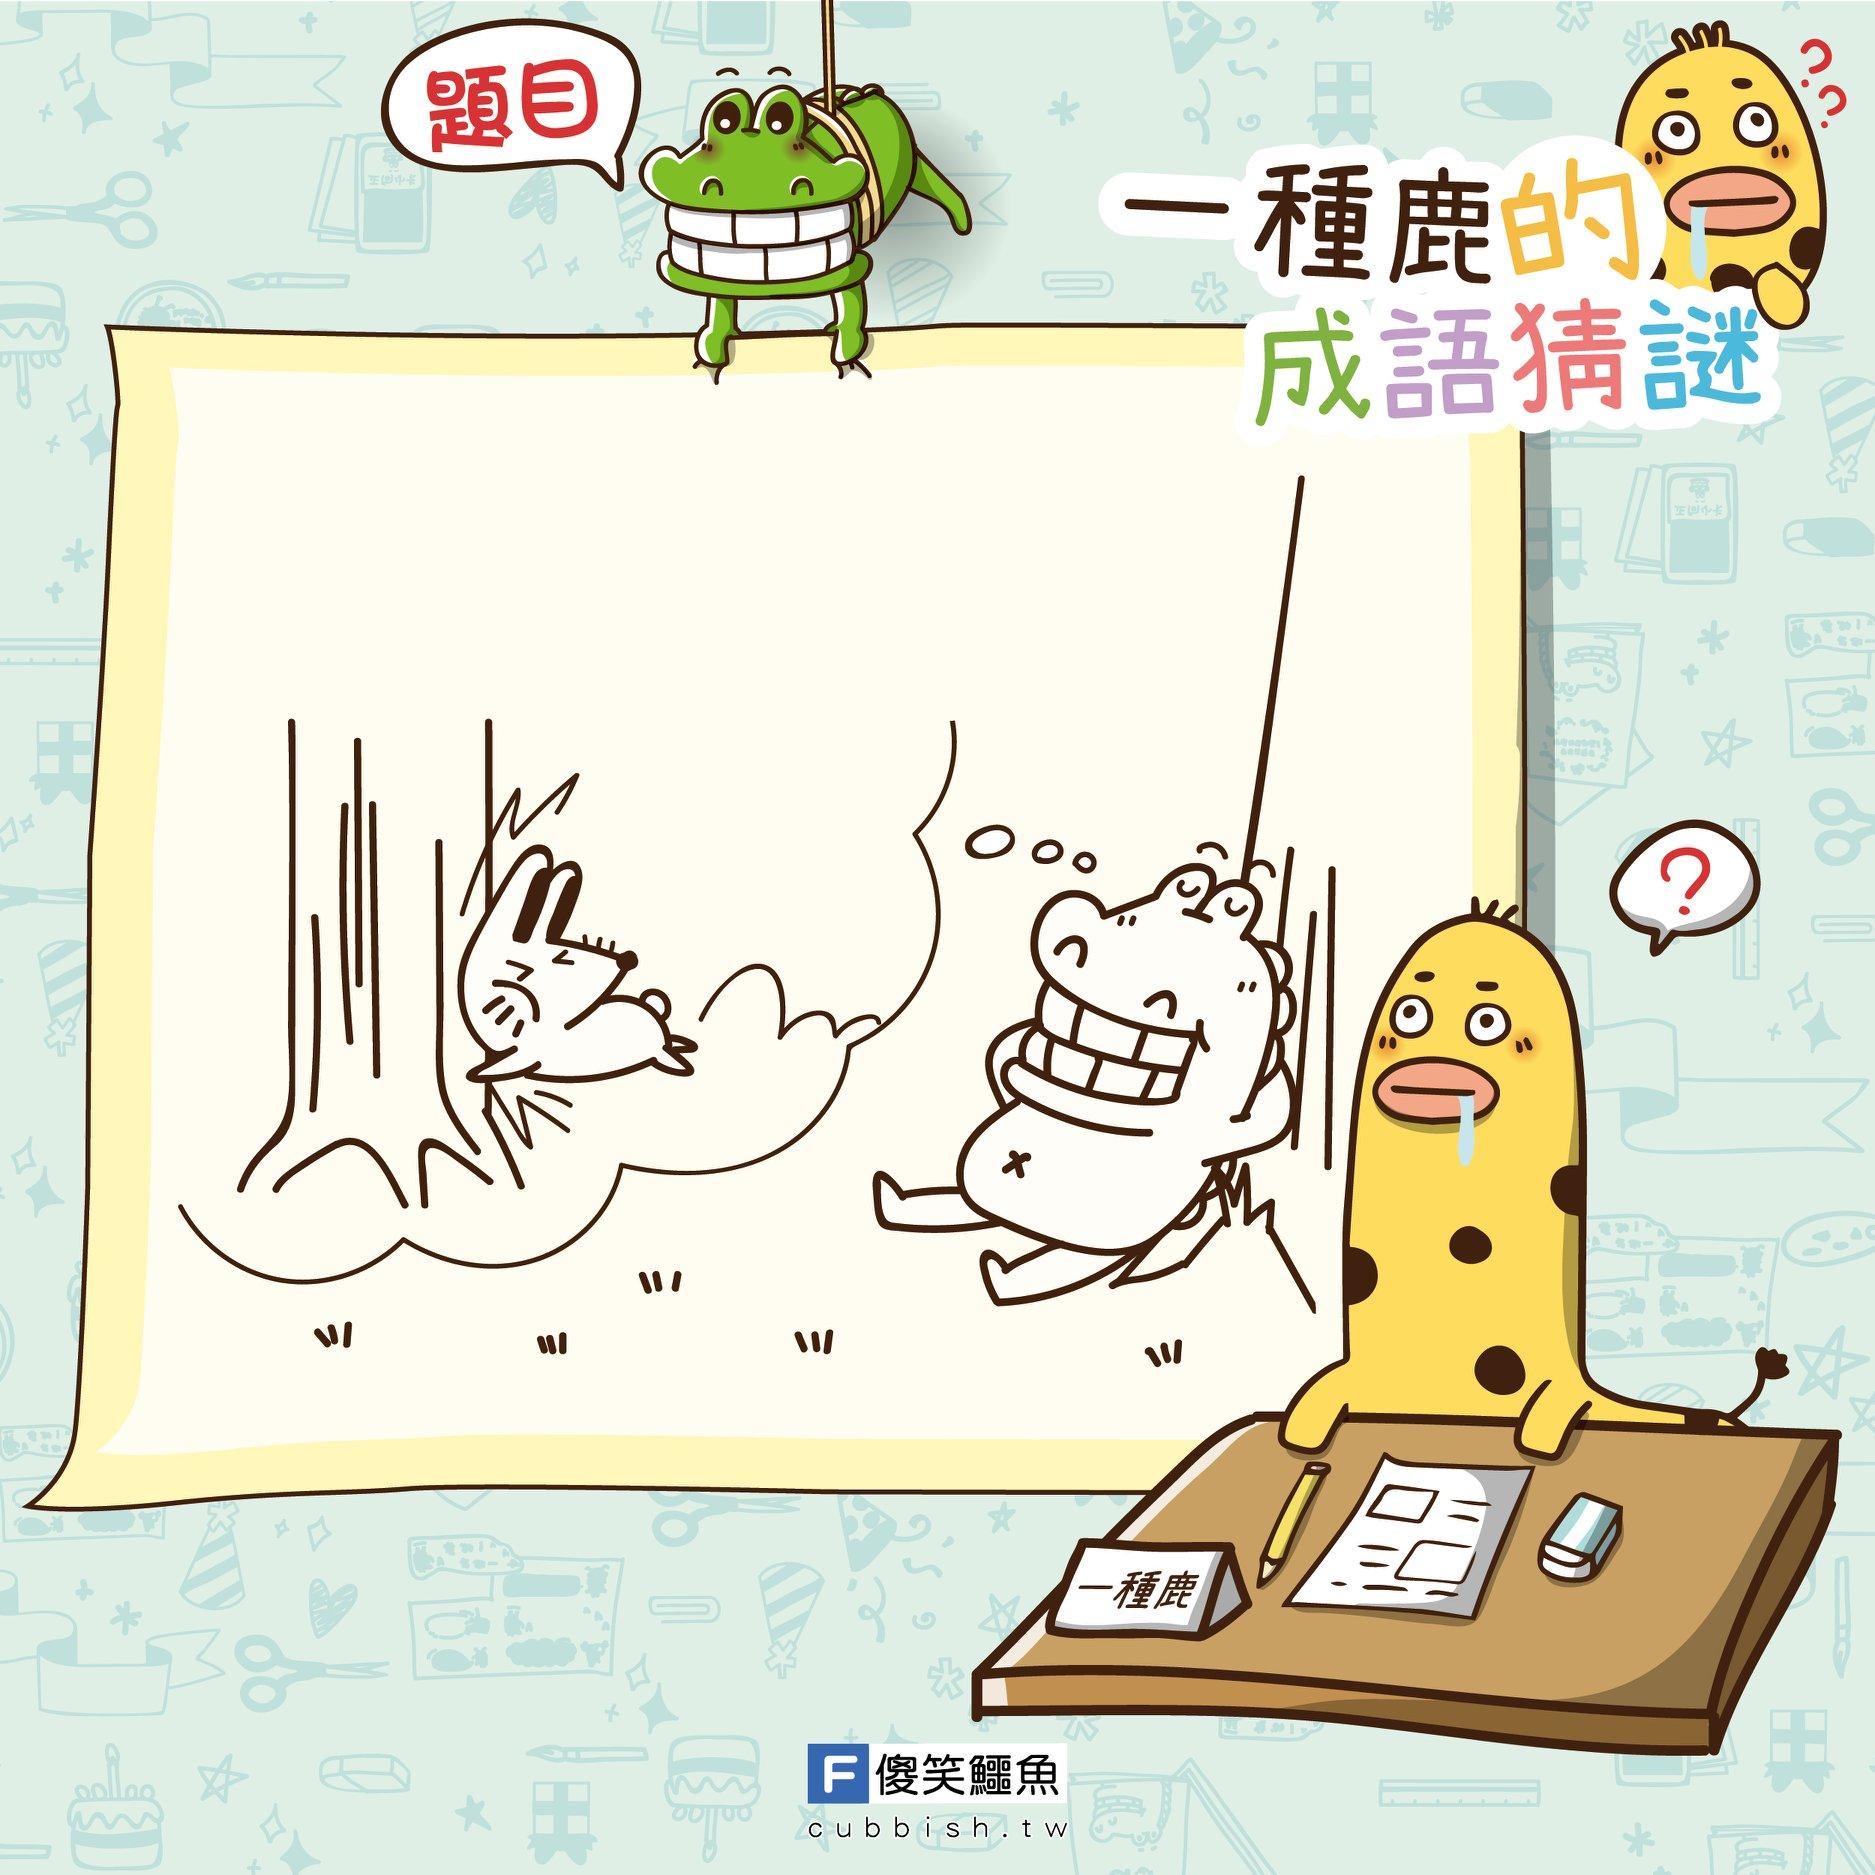 傻笑鱷魚國小班級經營分享站: 【檔案下載】成語猜謎-1 圖檔 檔案下載